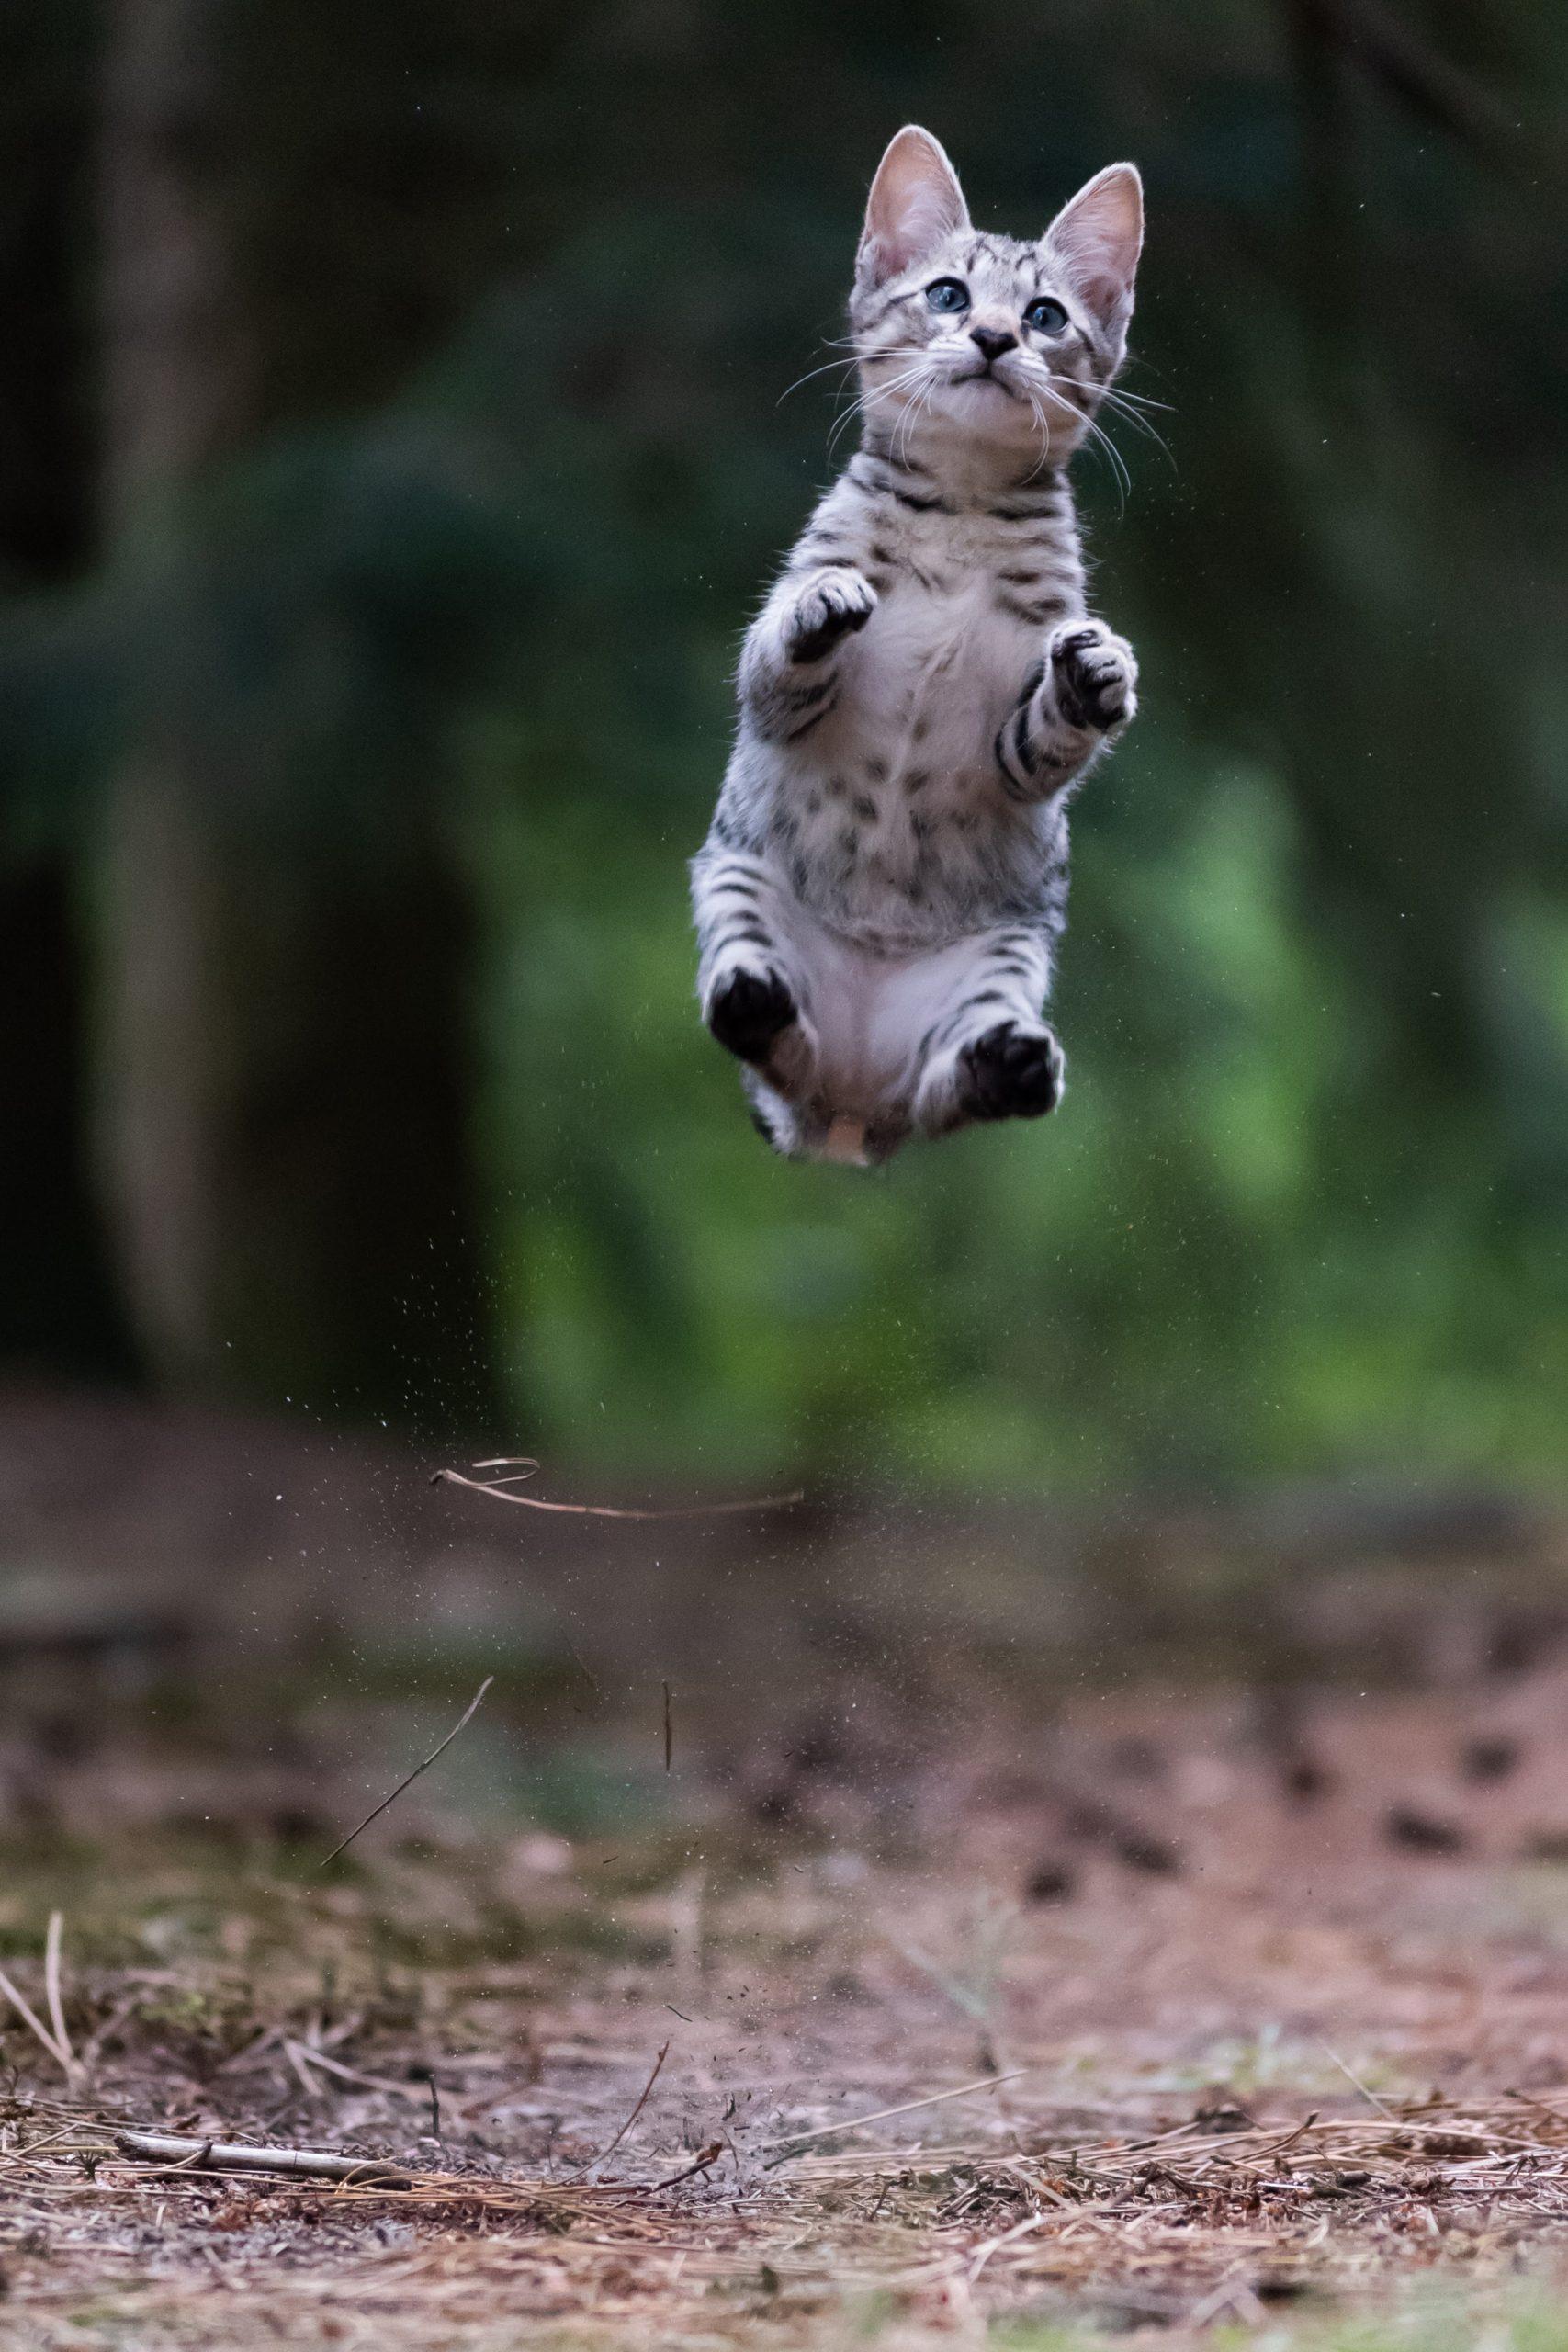 kat springen met de pootjes naar voren